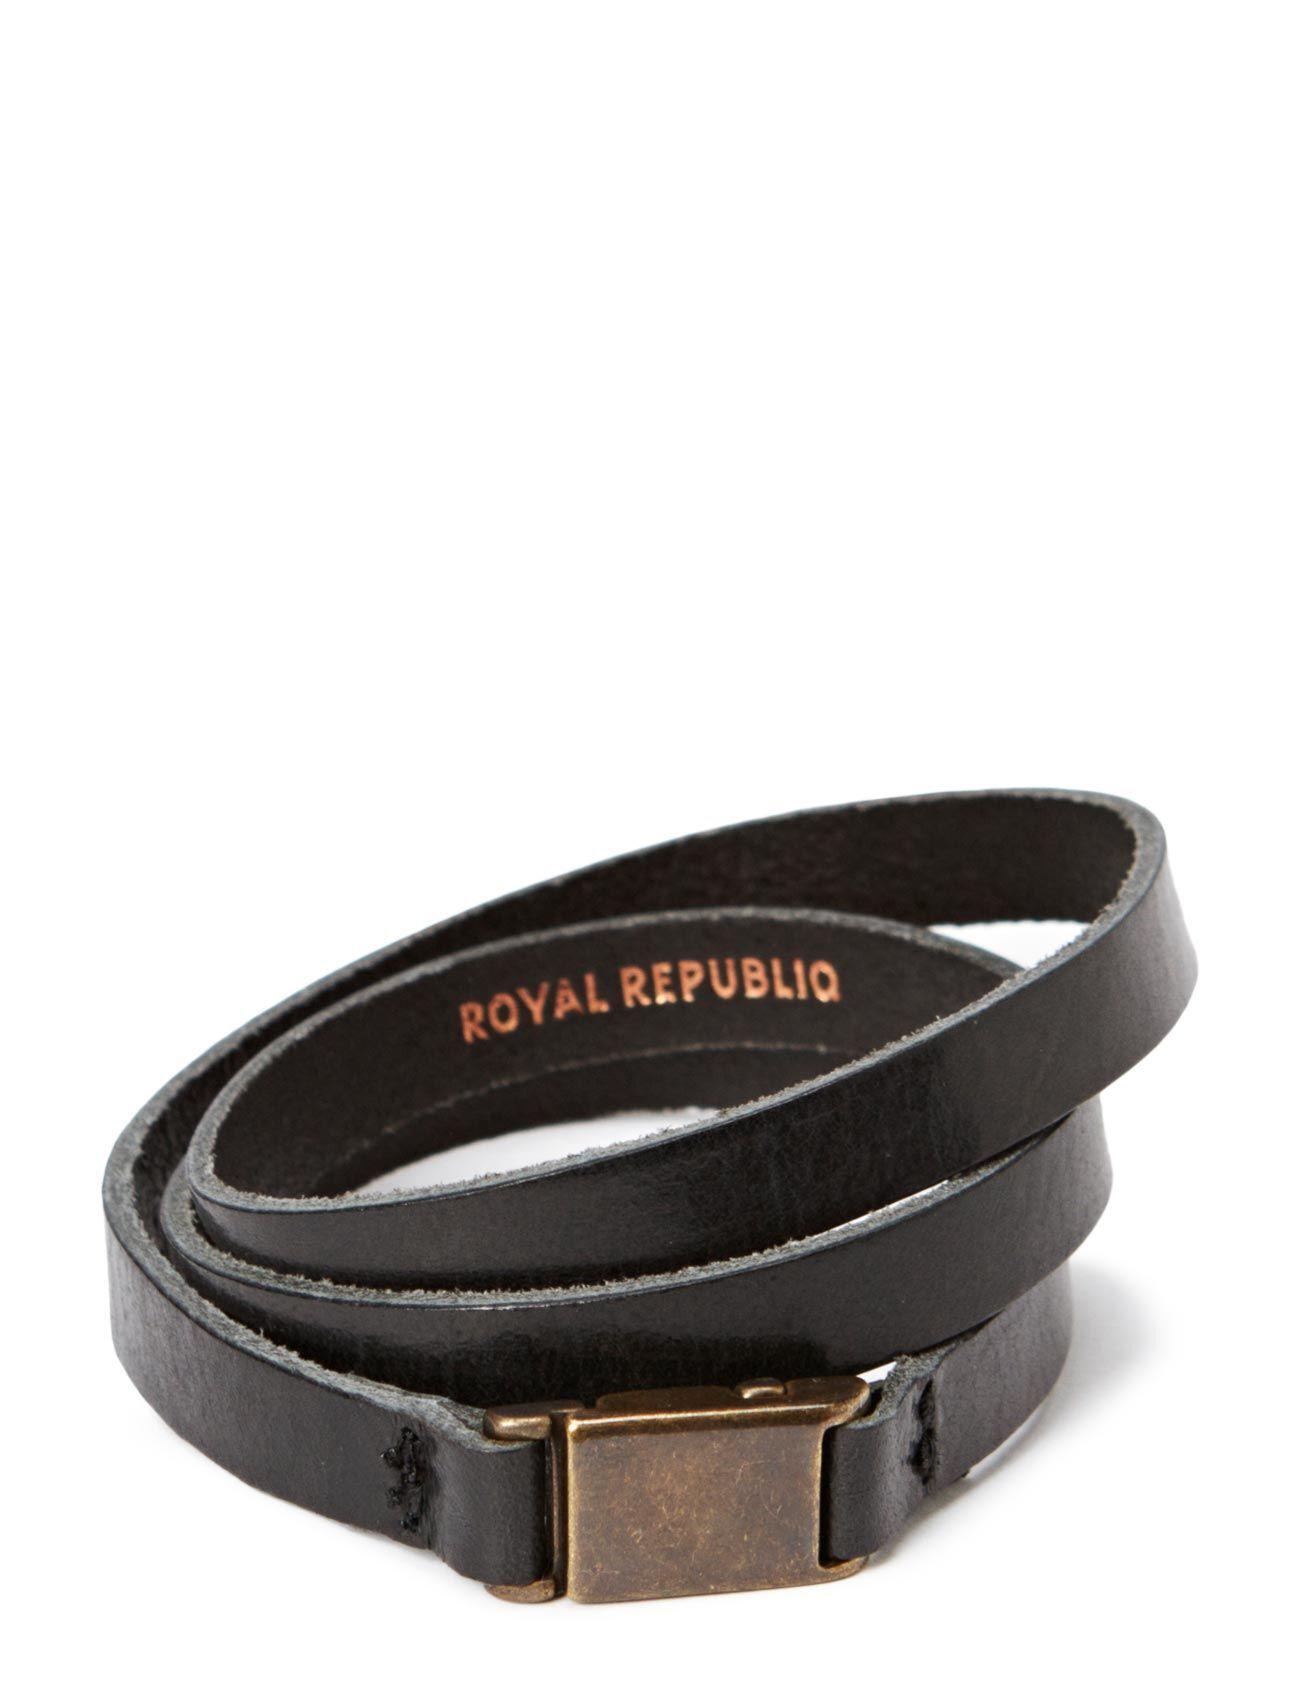 Royal RepubliQ Clip Bracelet/Cuff